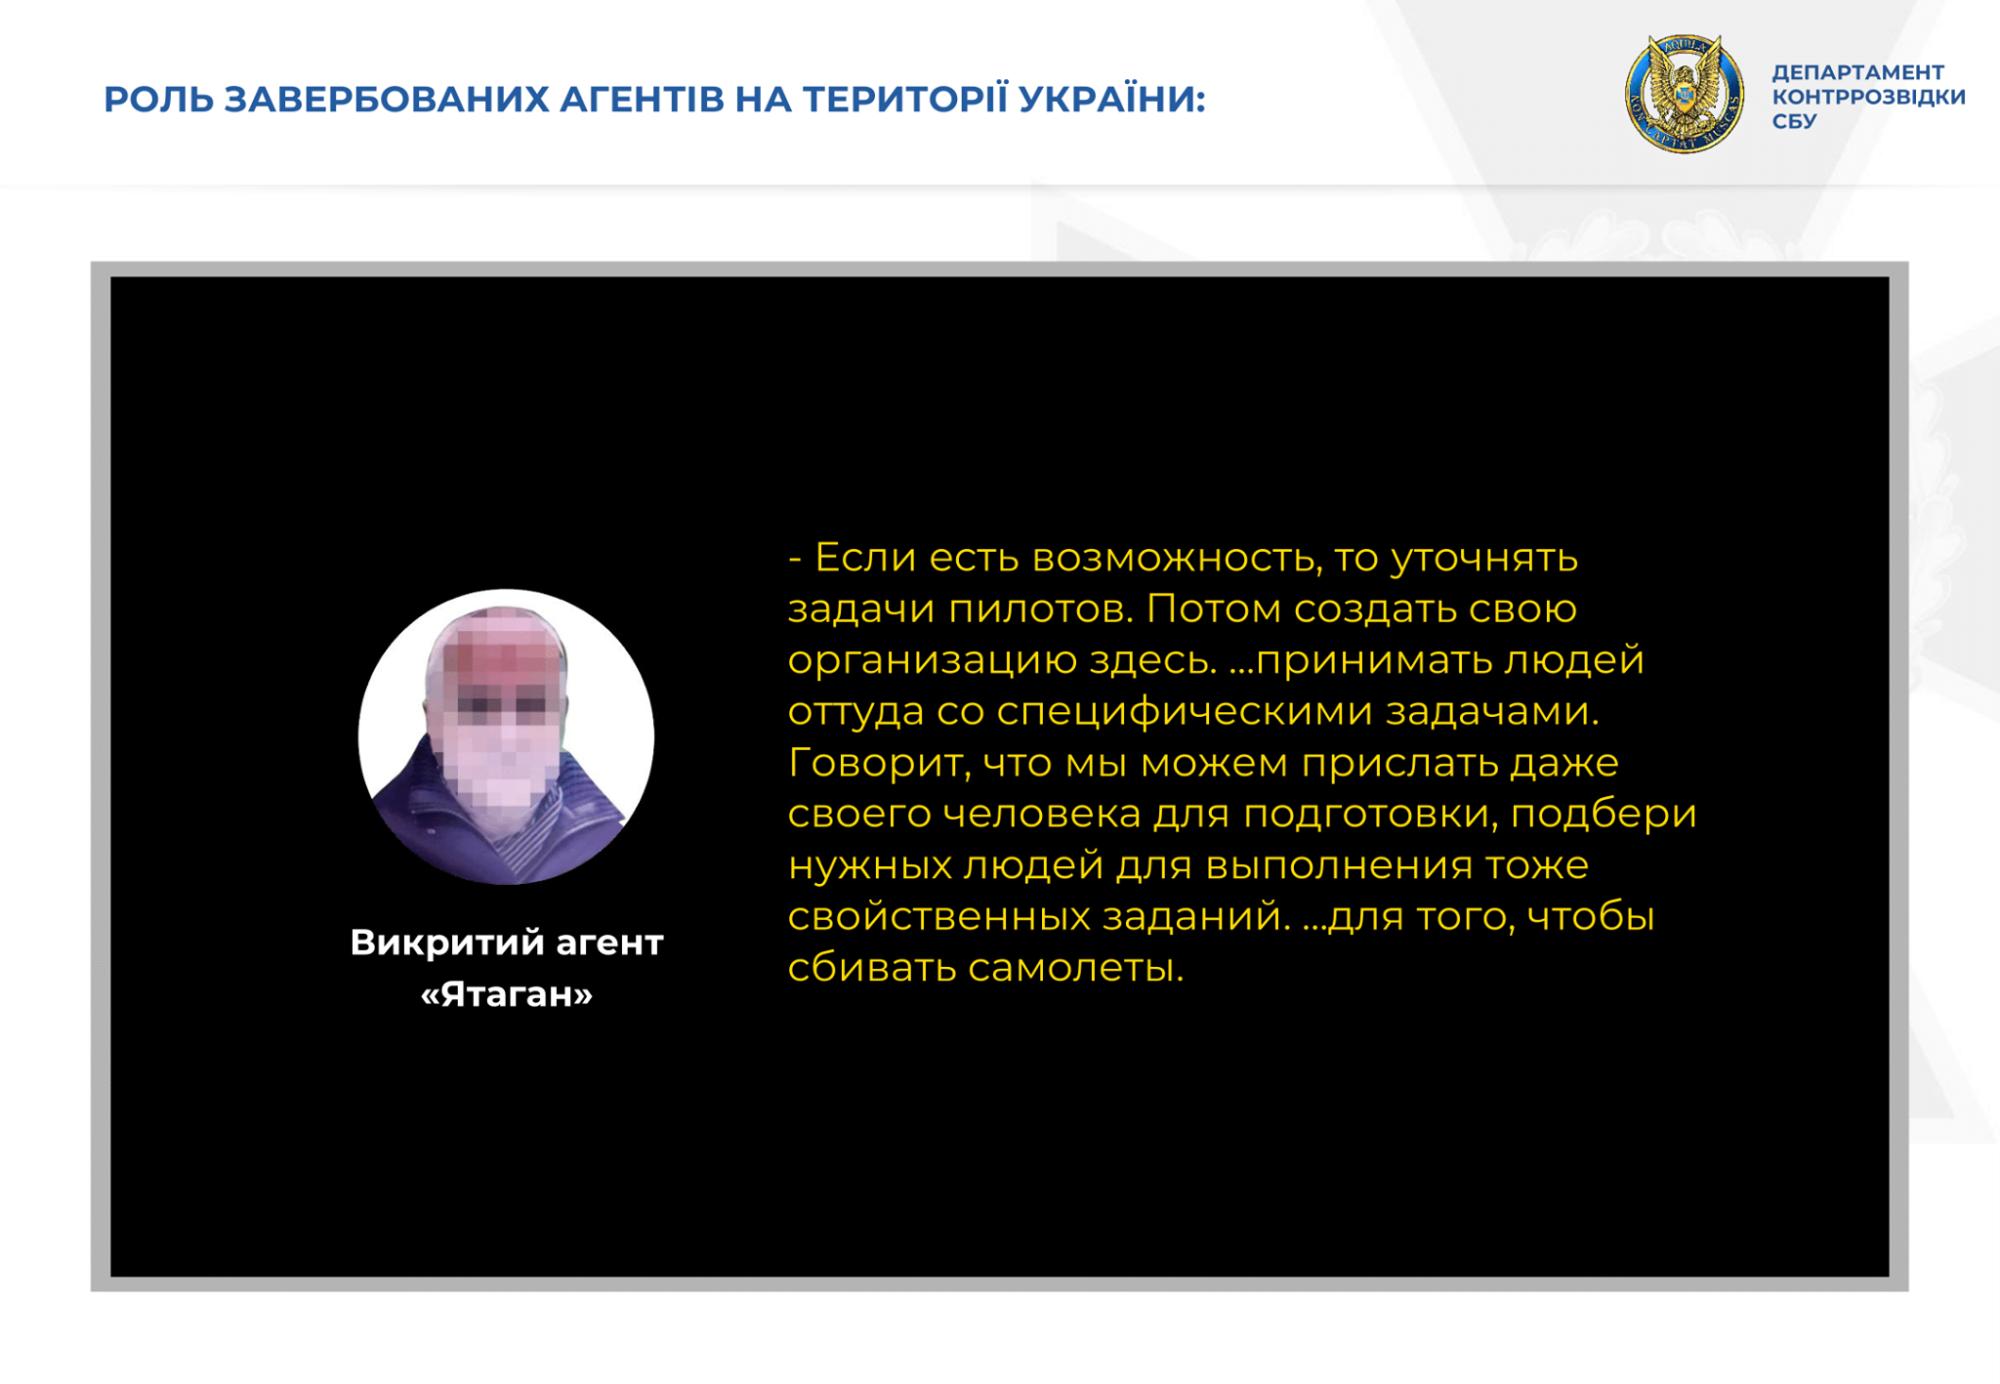 До агентурної мережі ФСБ входили  колишні українські військові: викриття СБУ - СБУ, Росія, Розслідування - 146847007 2932300833666569 5628768284065758846 o 2000x1384